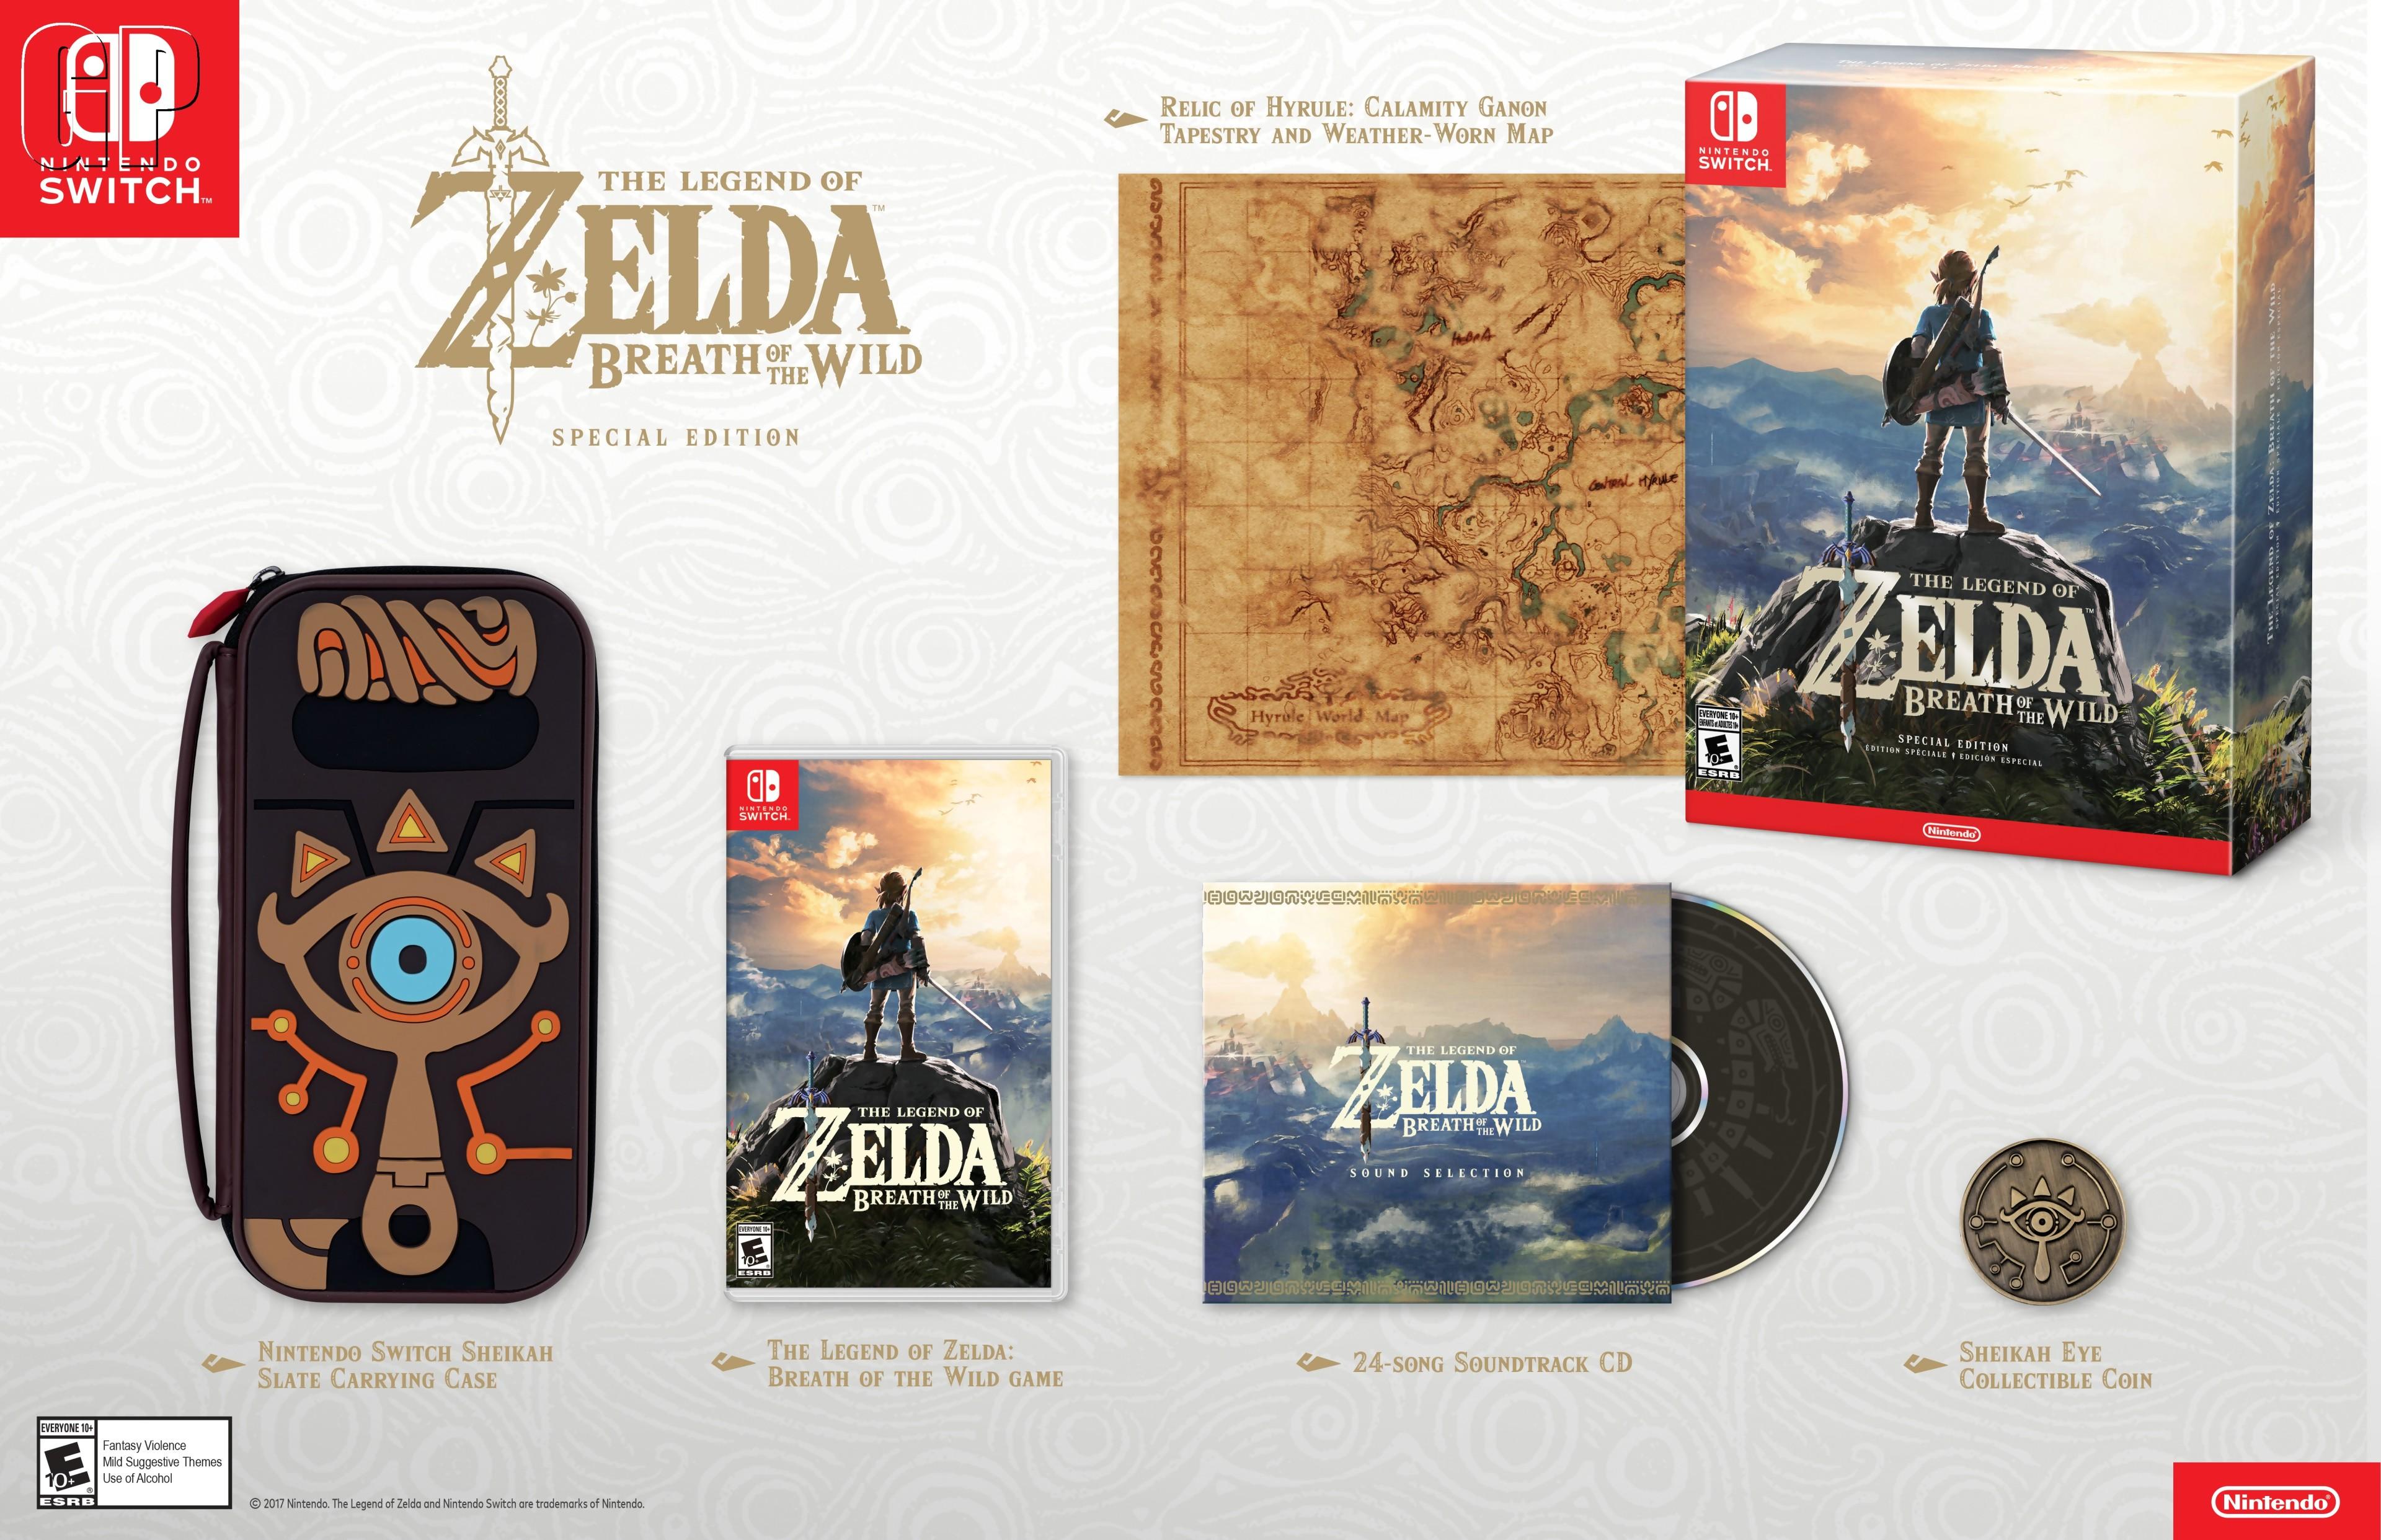 Zelda breath of the wild un collector magnifique avec l for Housse nintendo switch zelda